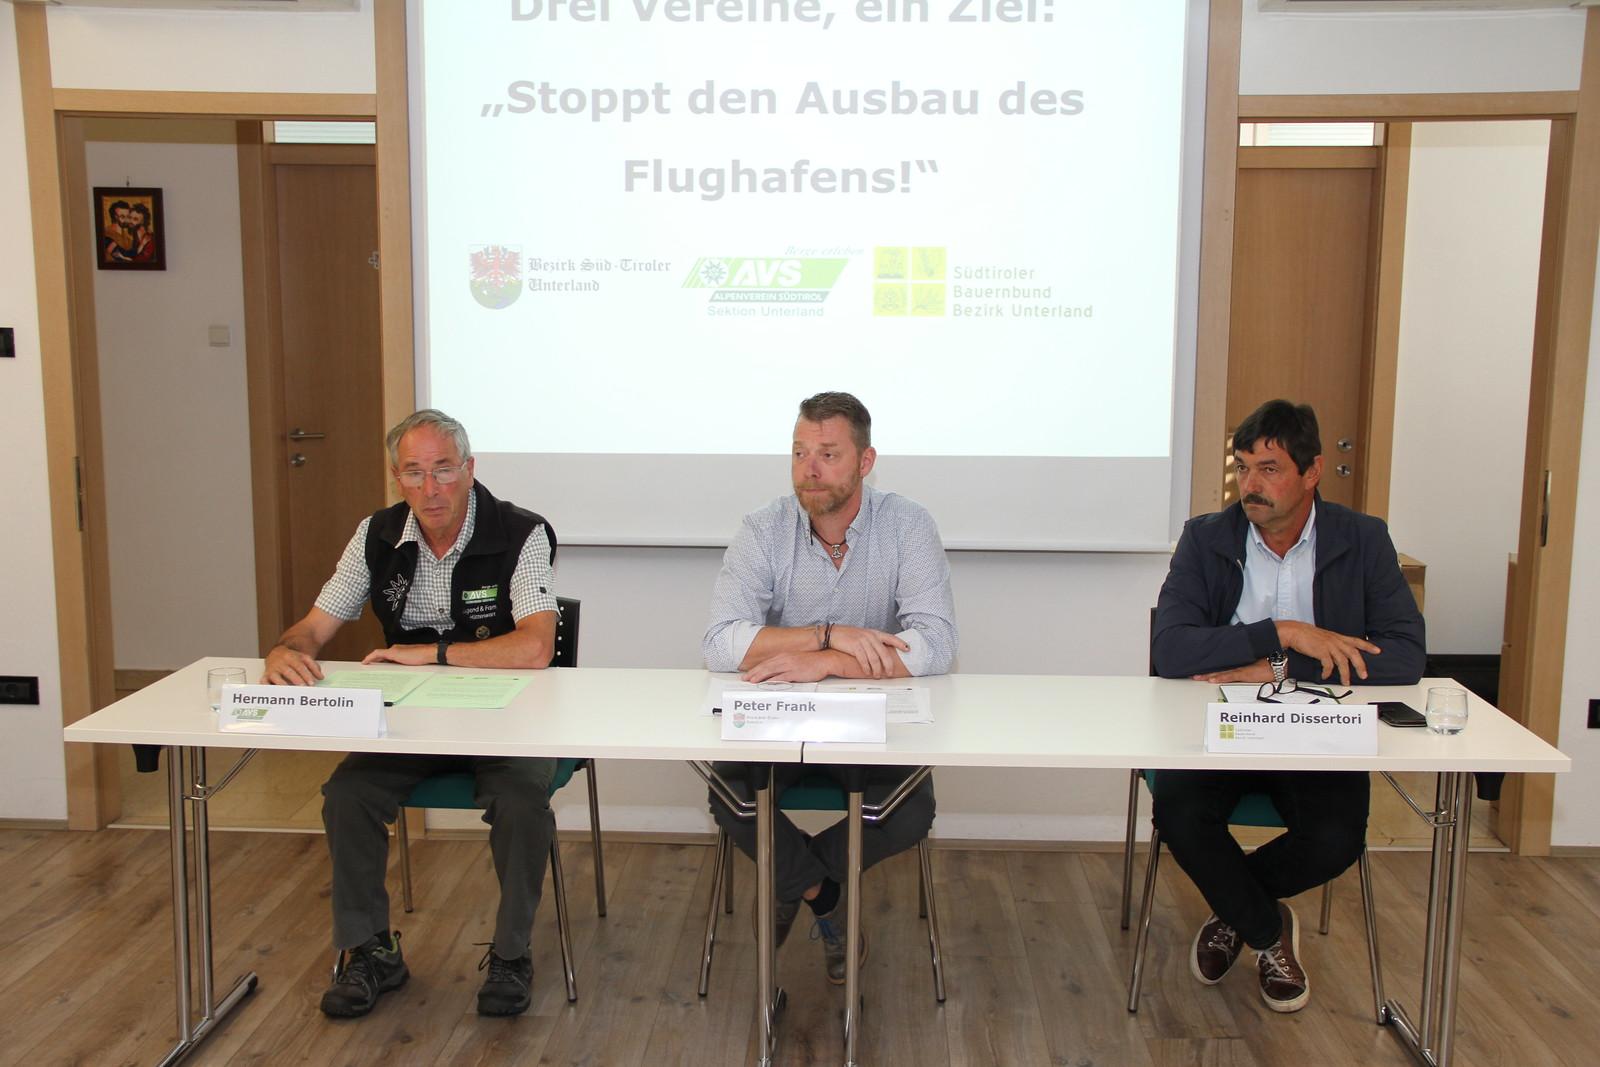 Pressekonferenz gegen den Ausbau des Flughafens, 12.09.2019